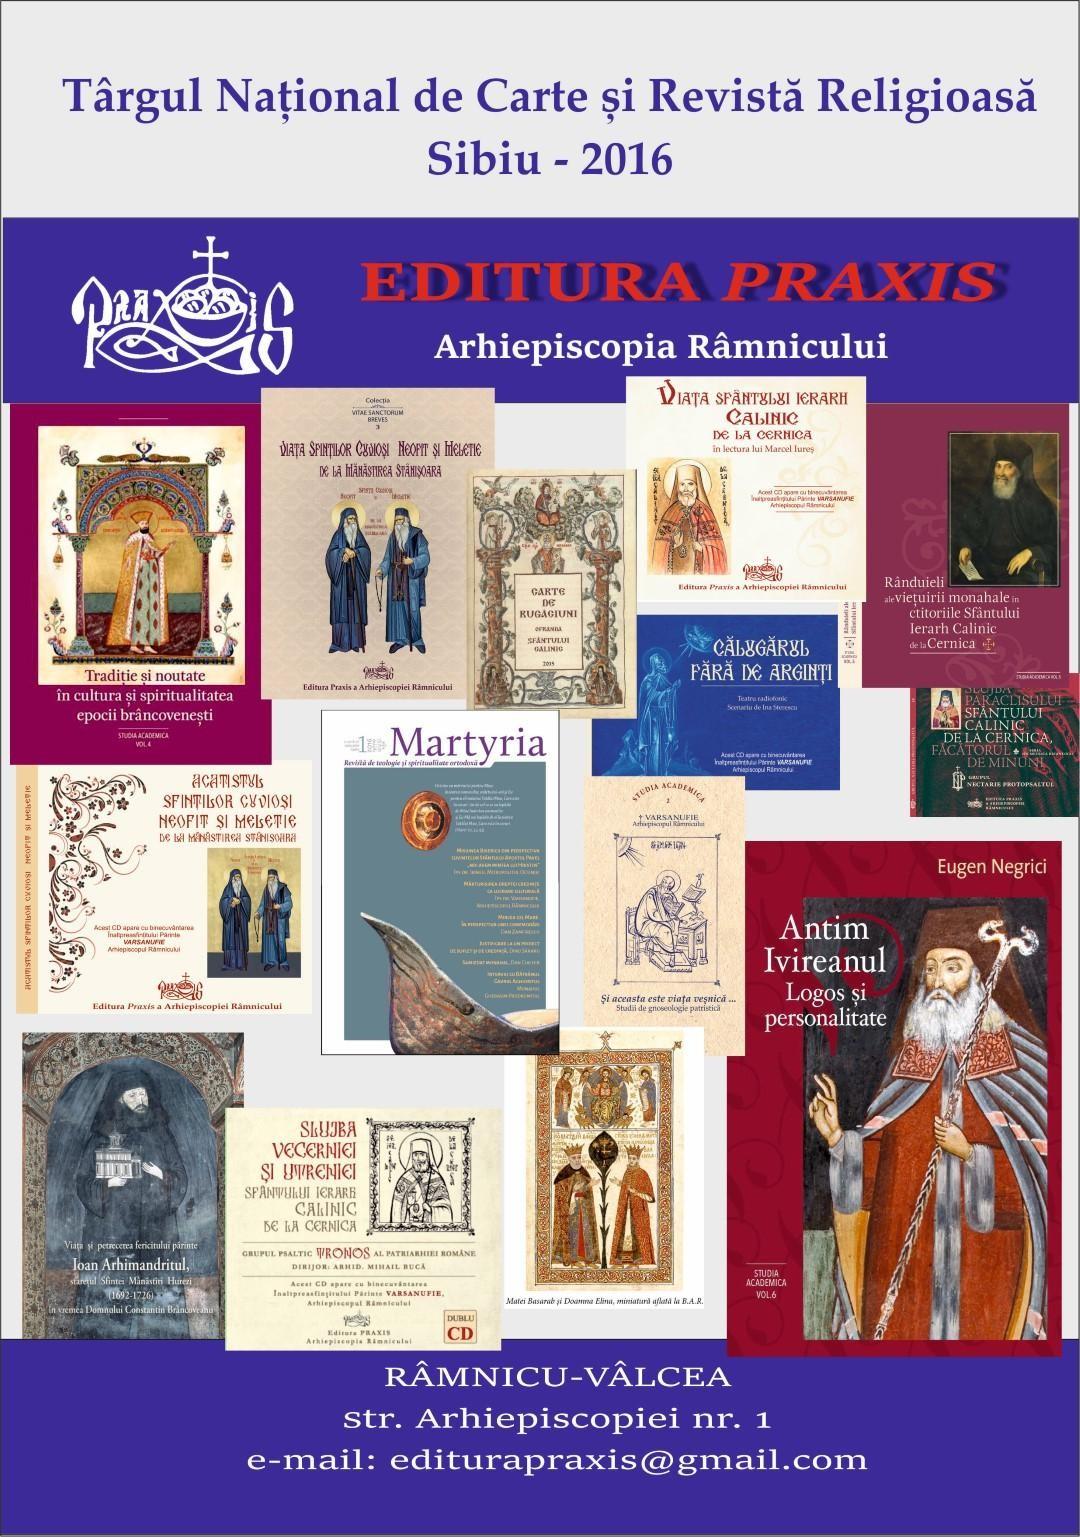 editura praxis prezentă la târgul național de carte și revistă